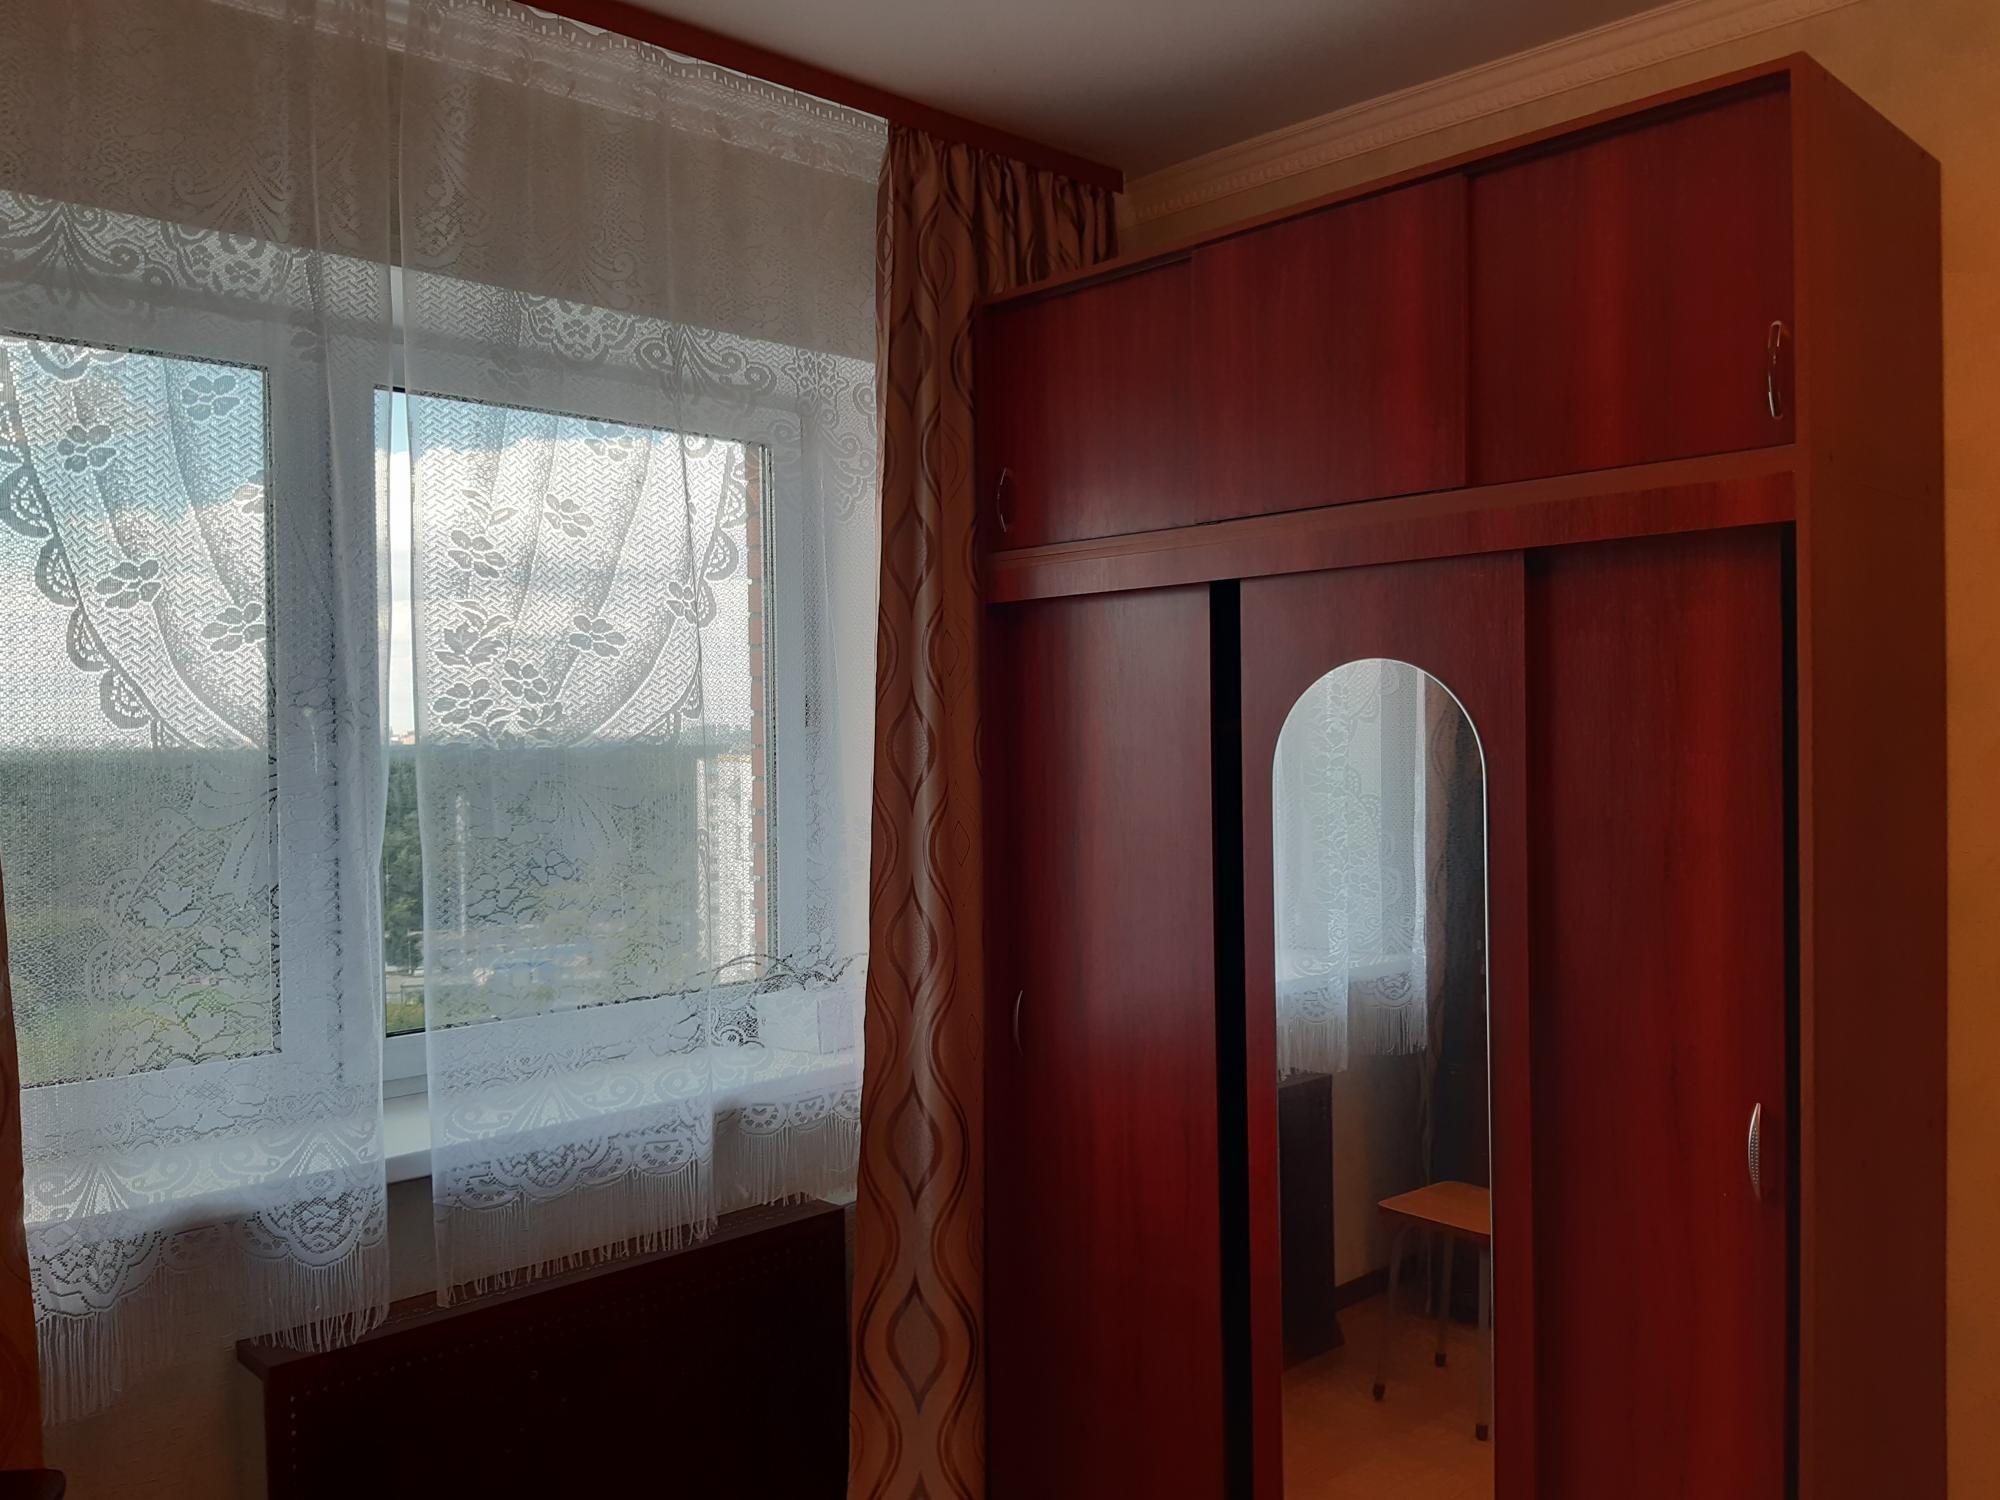 Квартира, 2 комнаты, 63.2 м² в Котельниках 89295674093 купить 2